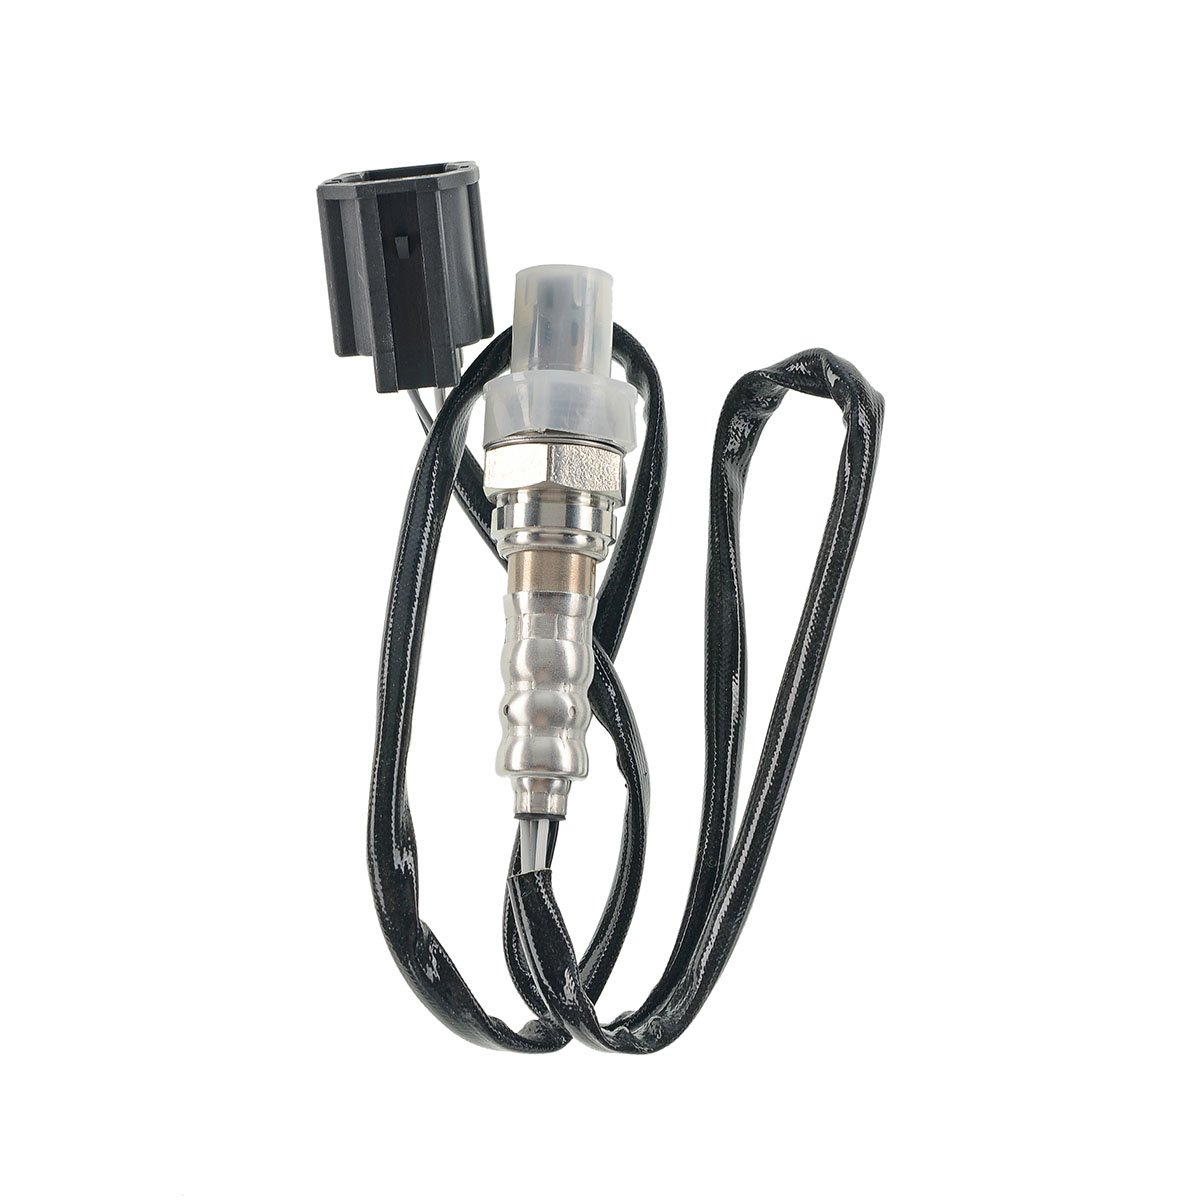 A-Premium O2 Oxygen Sensor For Mazda 3 2006-2009 Non Calif-ESV Downstream PremiumpartsWhosale